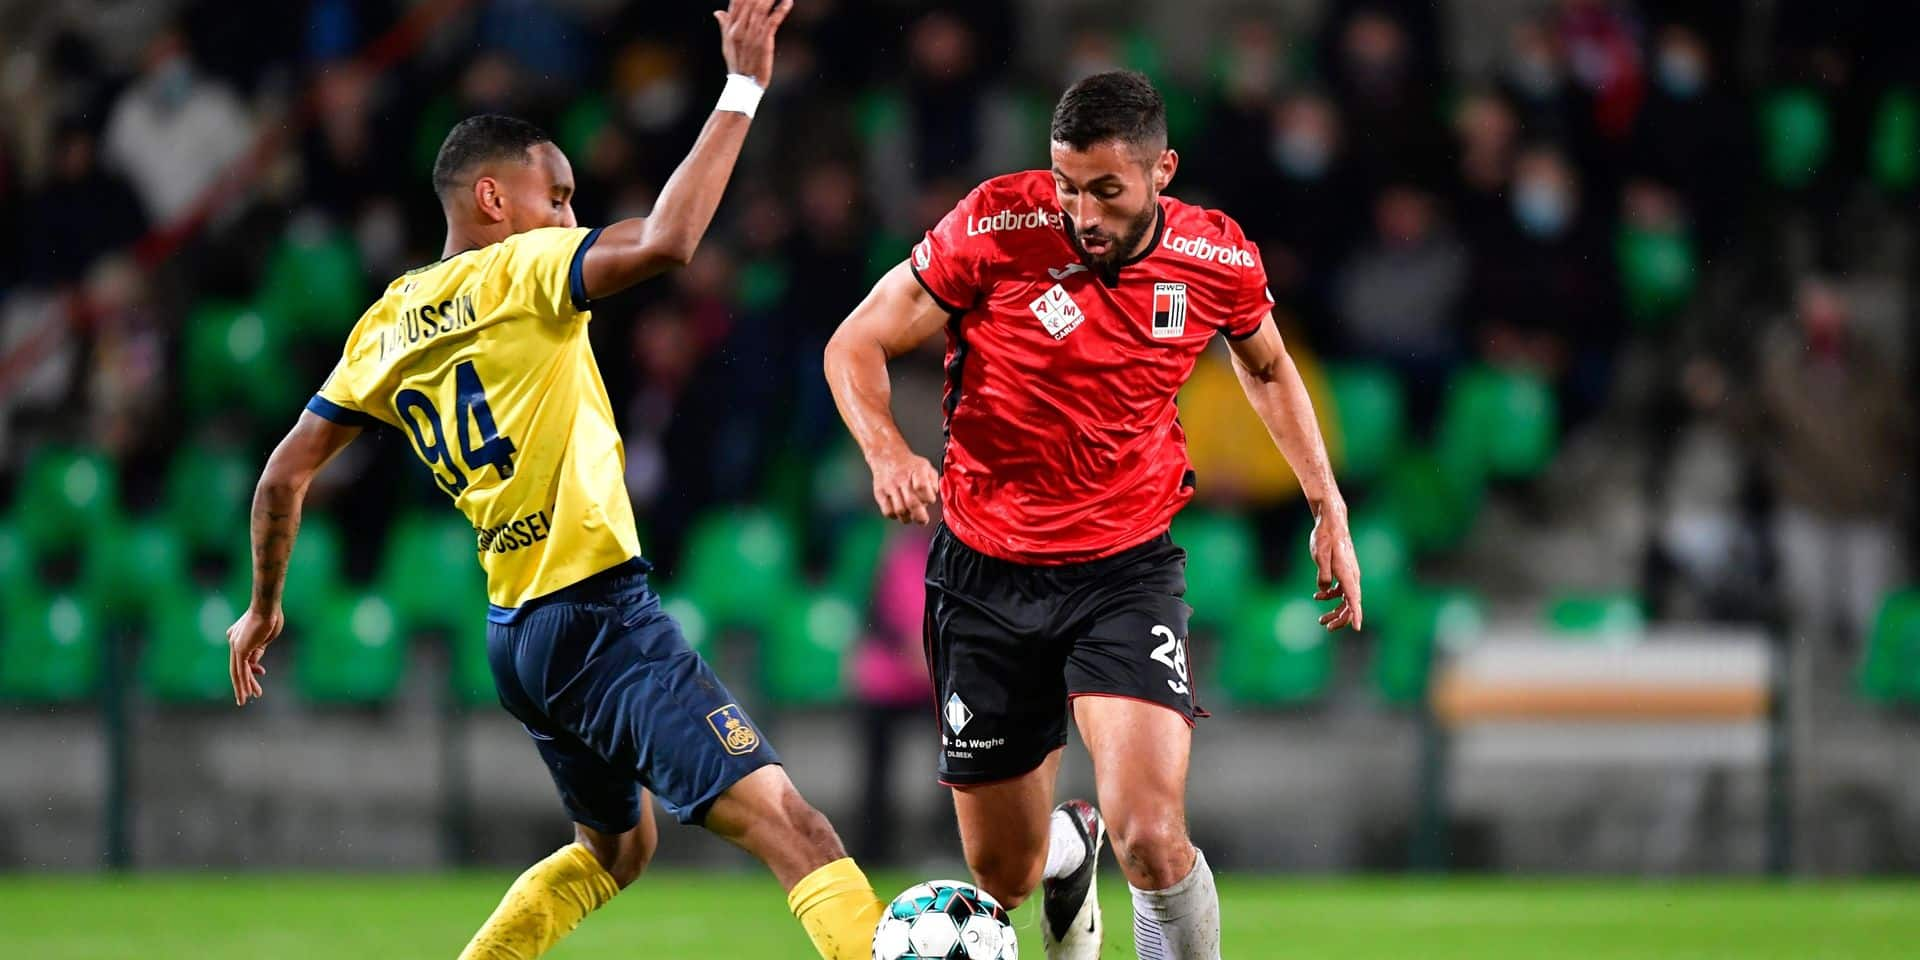 Le RWDM s'offre le derby bruxellois face à l'Union Saint-Gilloise